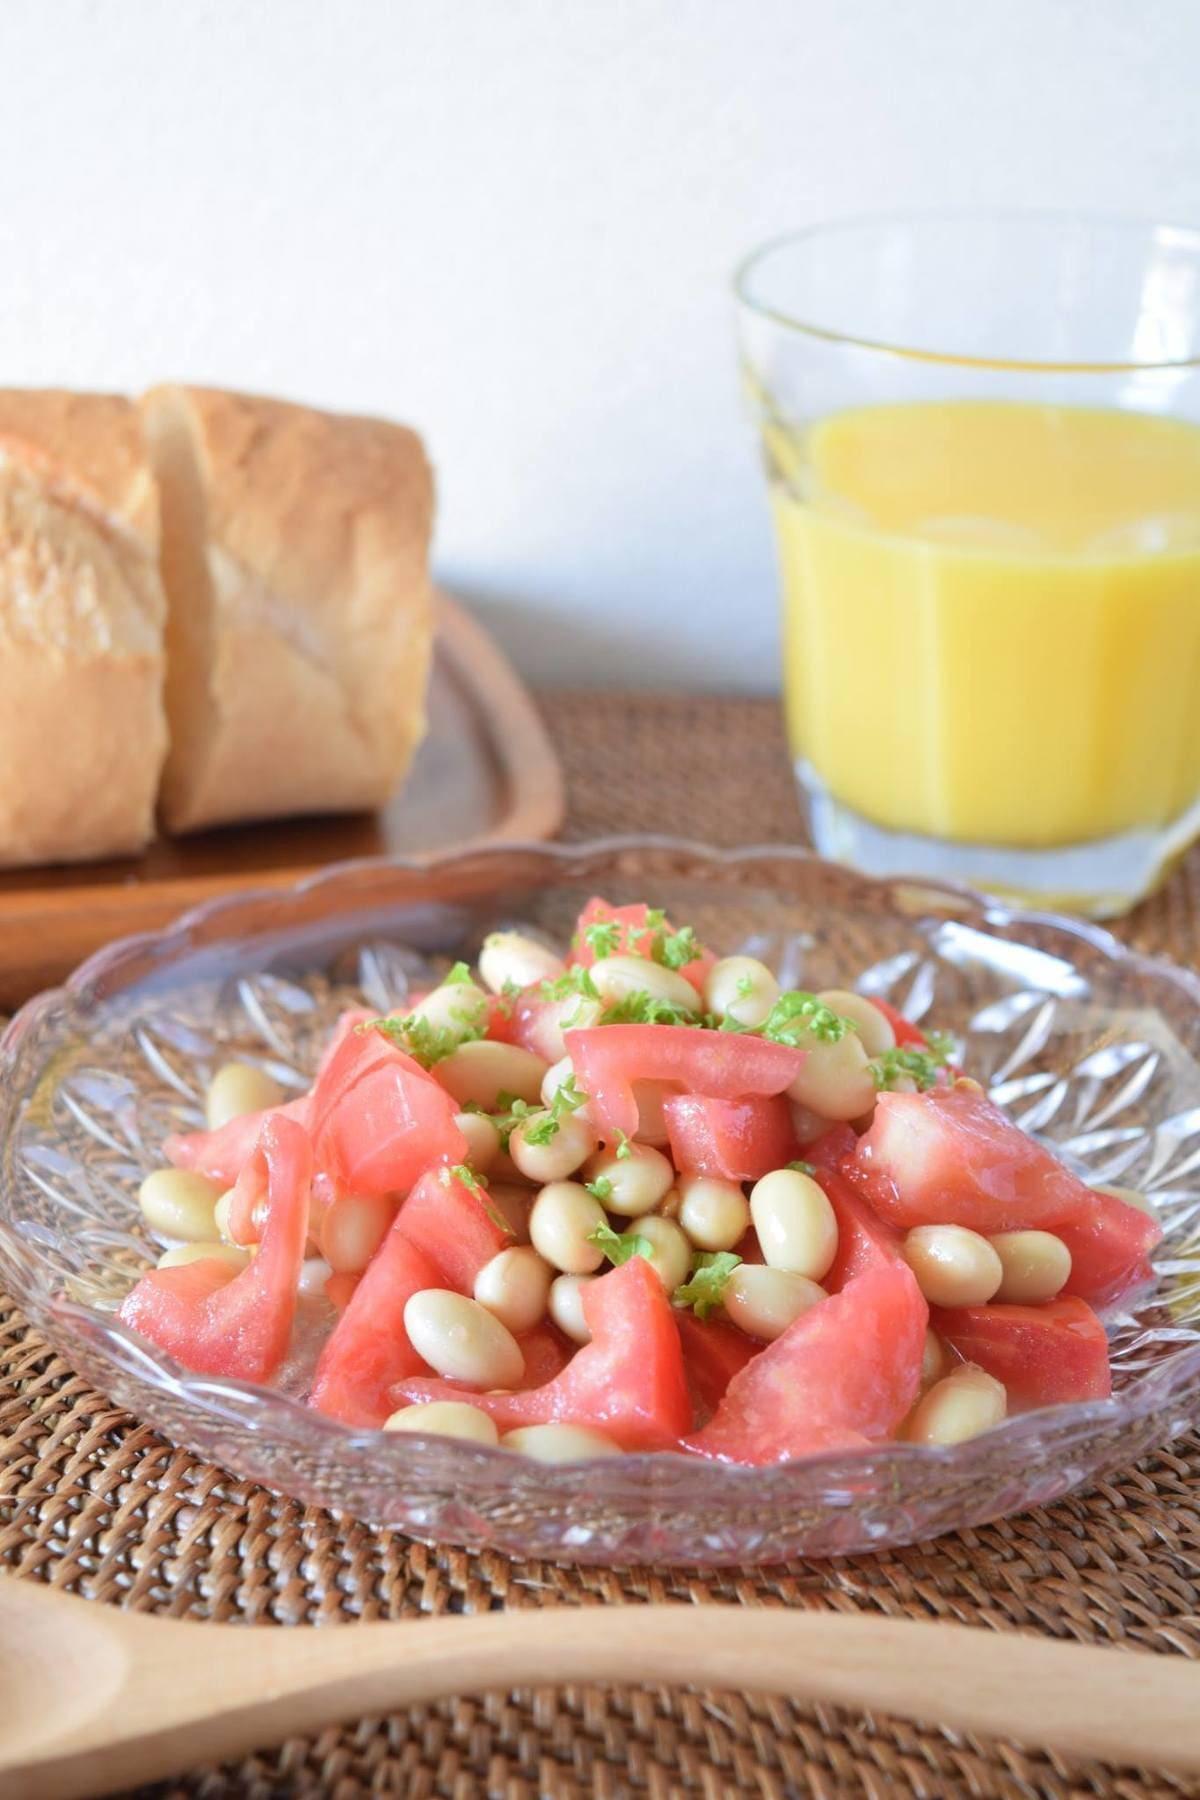 ガラスのお皿に盛られたトマトと大豆のサラダマリネ